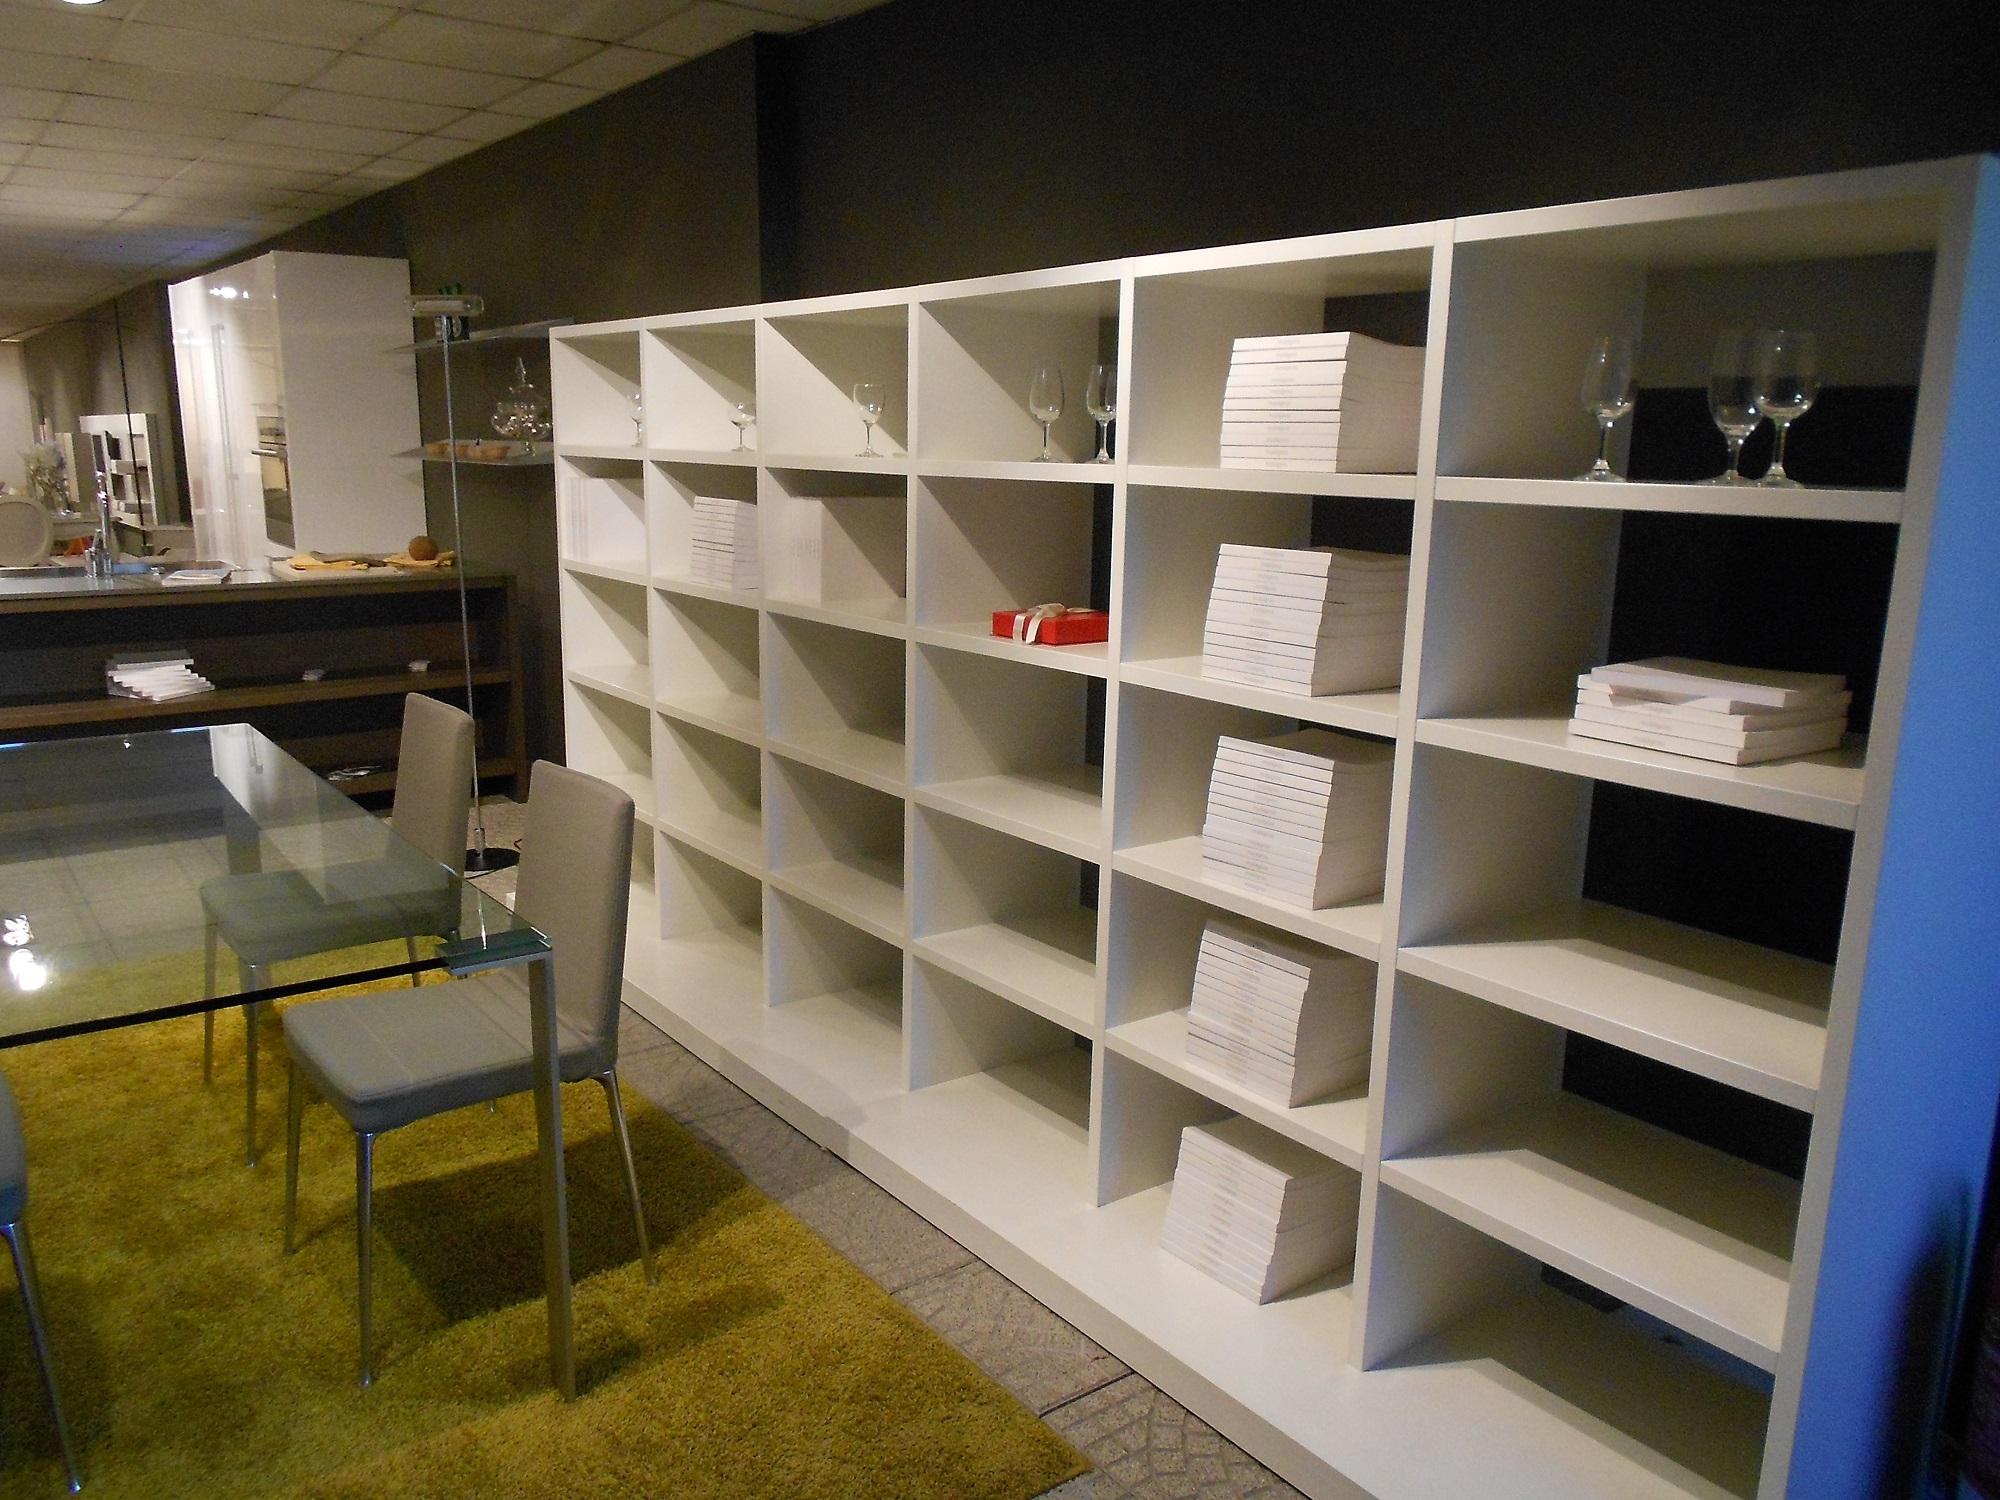 Jesse Soggiorno Regolo Laccato Opaco Librerie Design Libreria Bianca - Soggio...